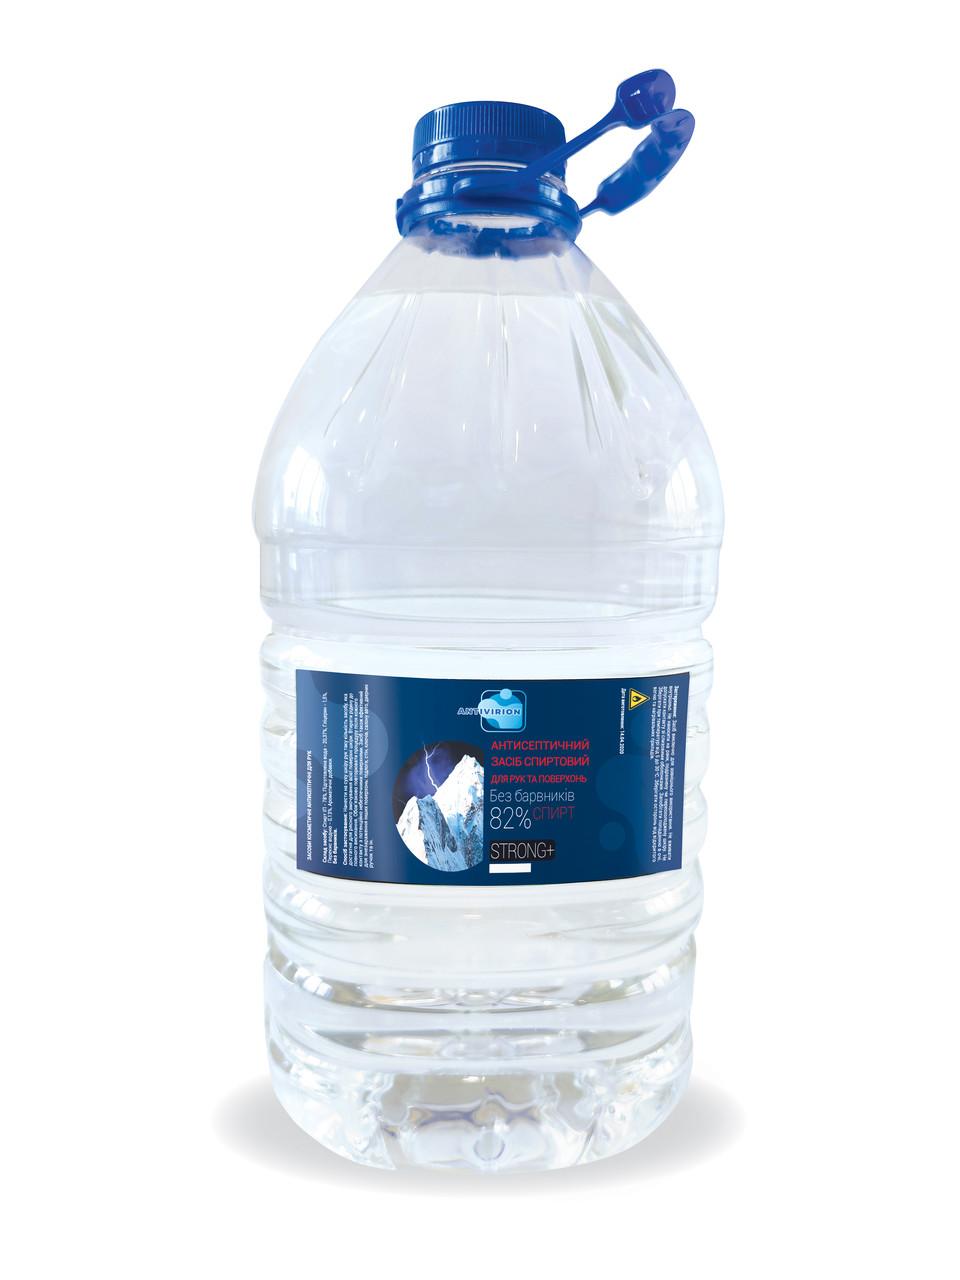 Антисептик 5л санитайзер спирт 82% Antivirion Strong+ 5 литров средство для дезинфекции поверхностей